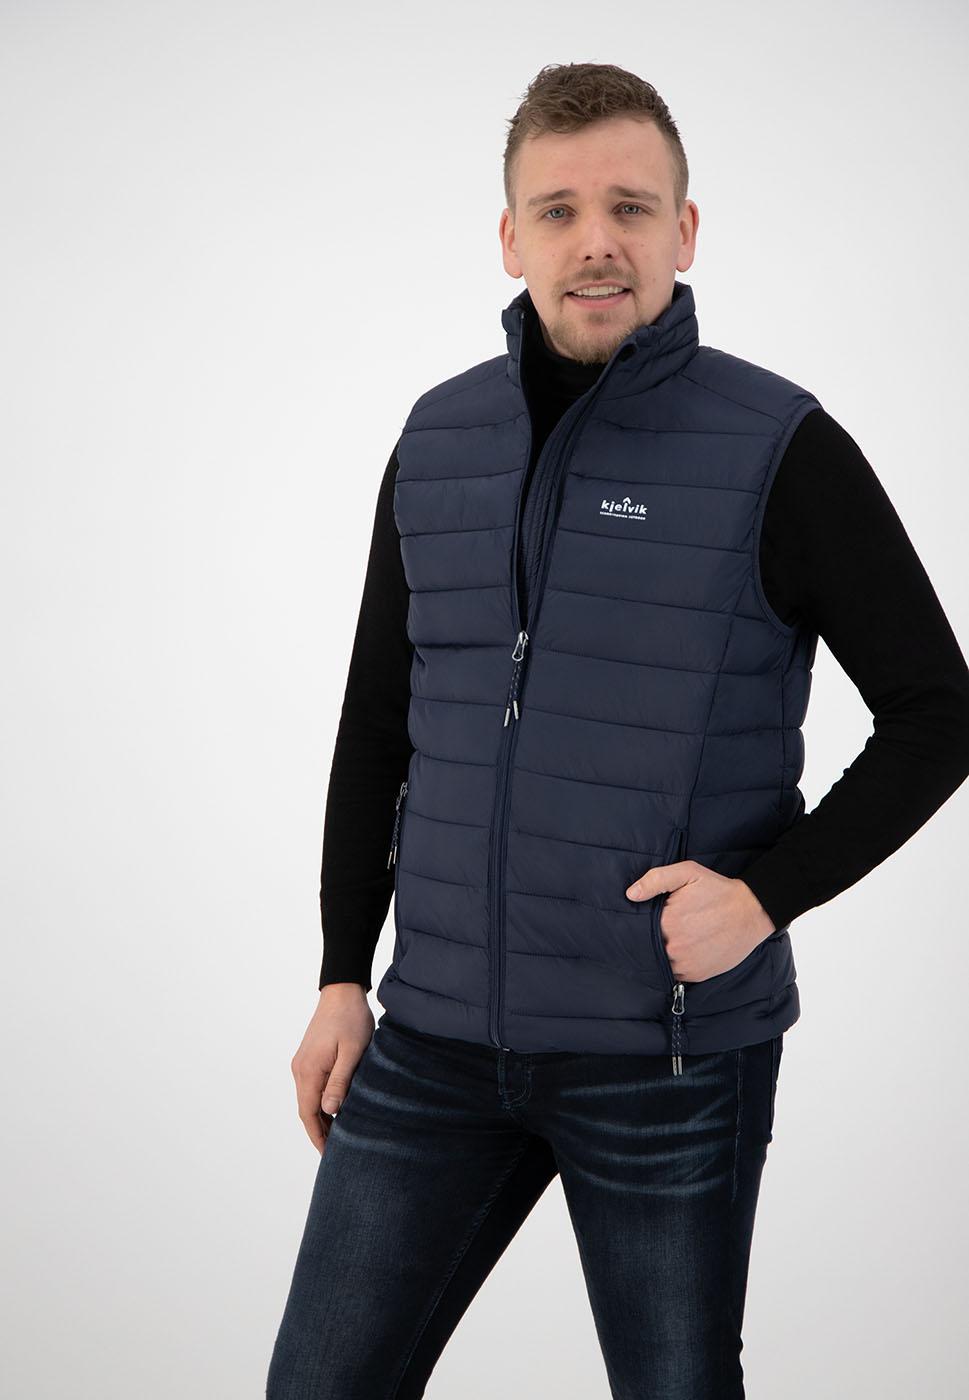 Kjelvik Scandinavian Clothing - Men Bodywarmers Haldor Navy